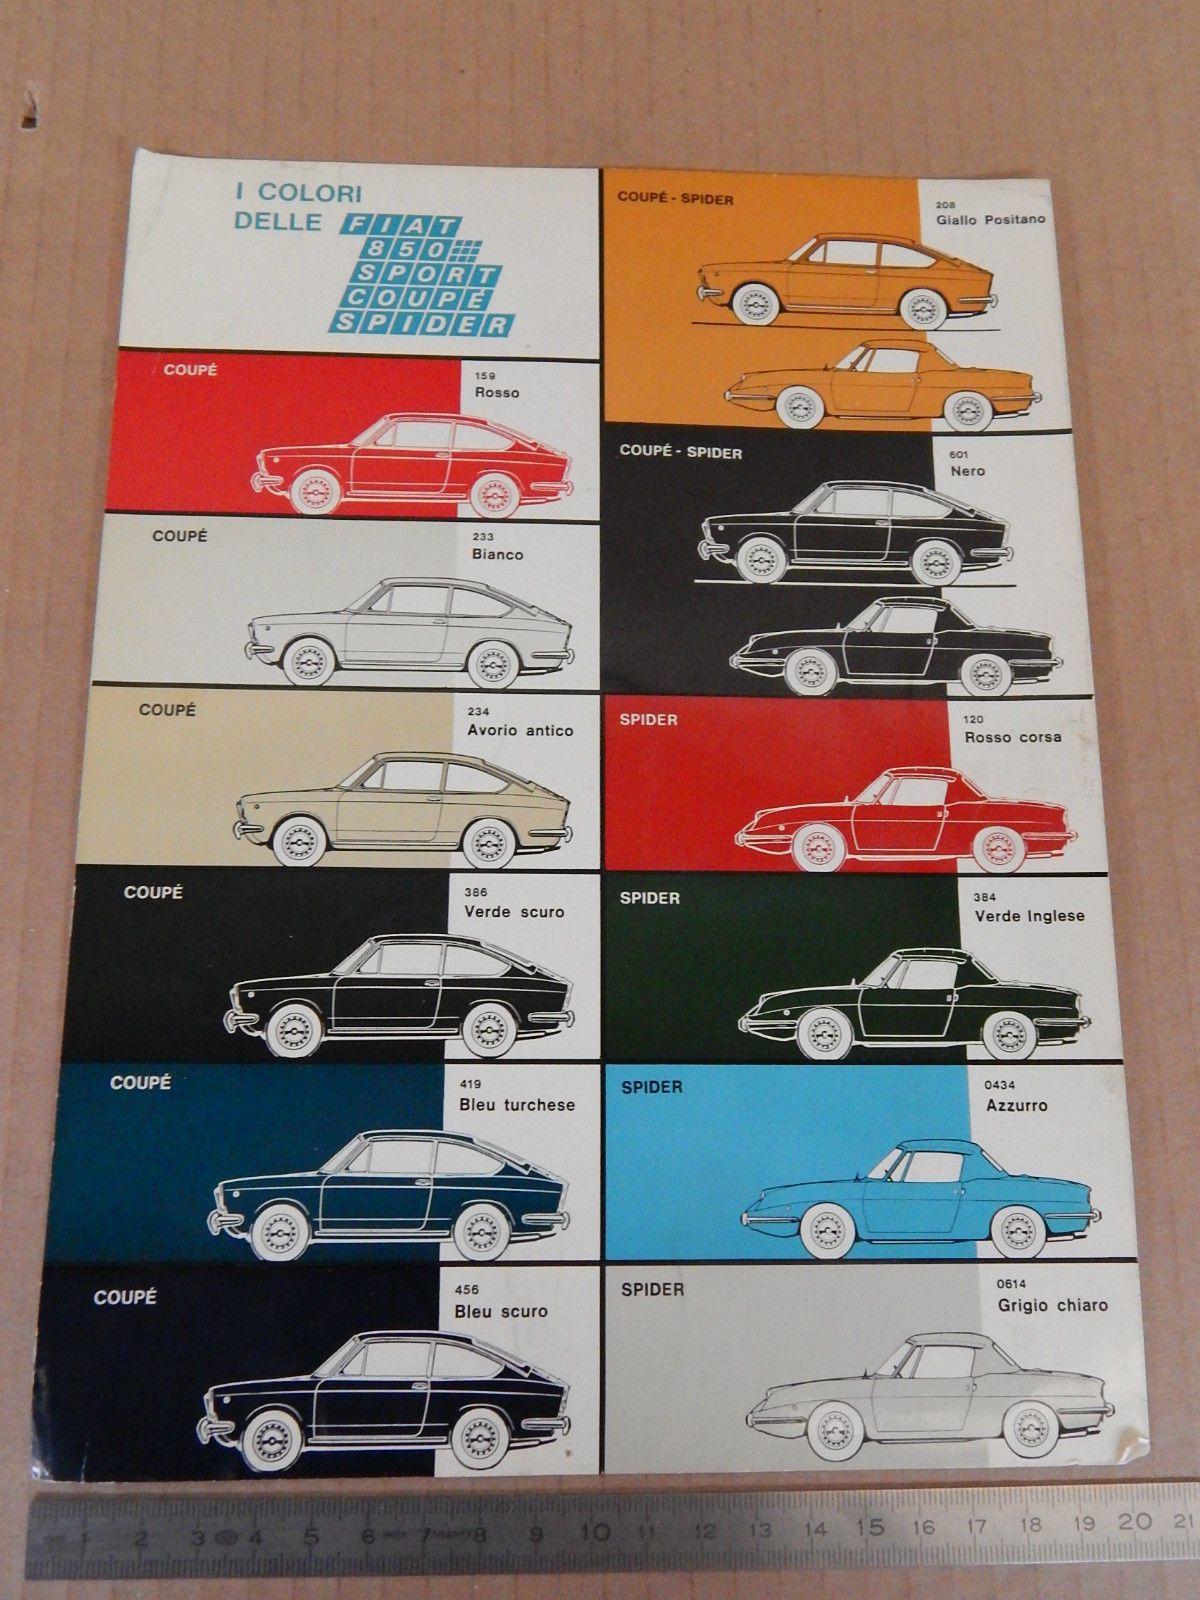 Tabella Colori 1968 Fiat 850 Sport Coupe E Spider Allegato